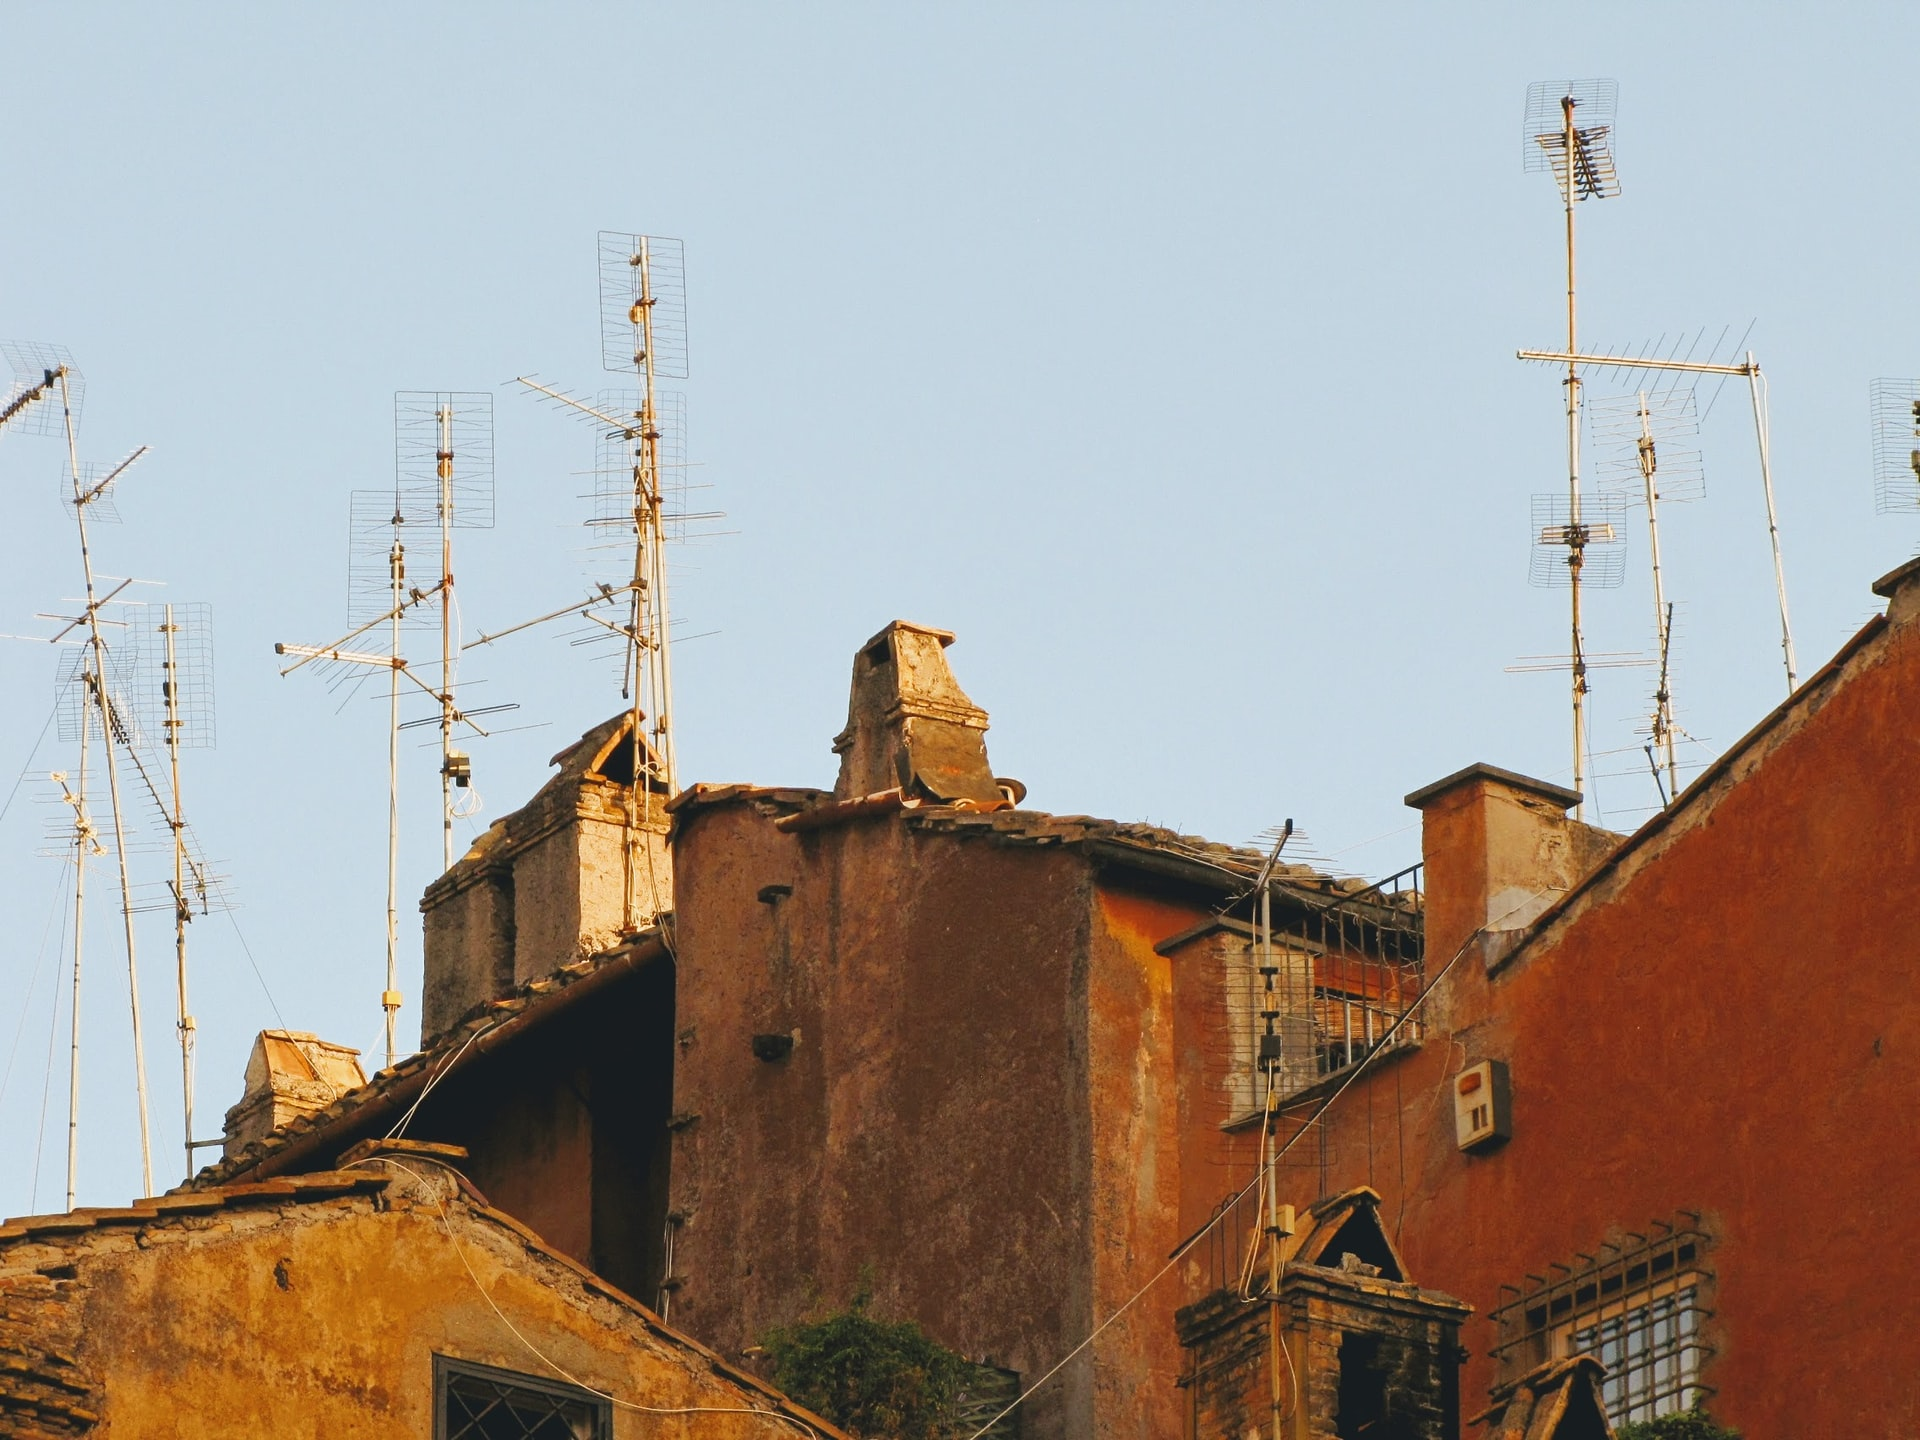 casas rusticas con antenas de tv